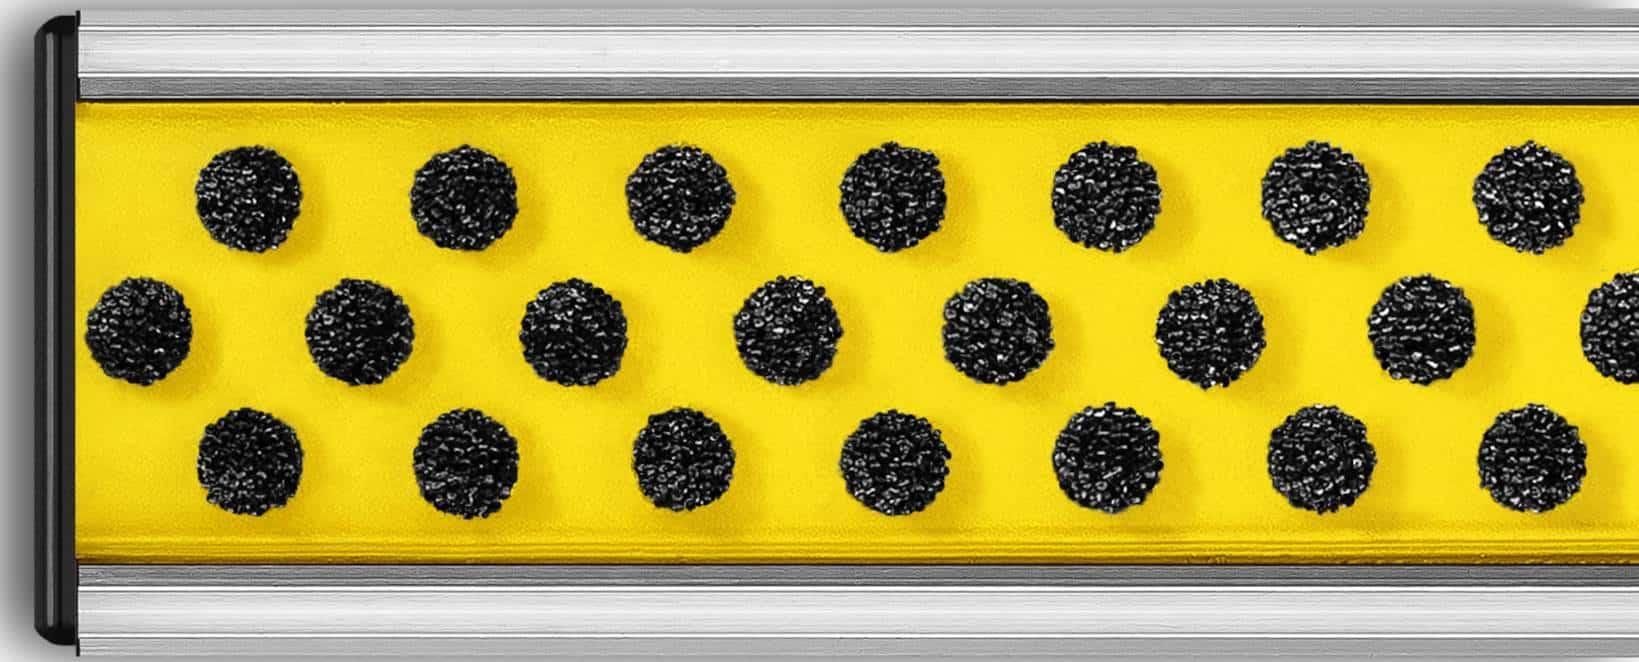 Wycieraczka aluminiowa-szczotkowa_czarna/żółta